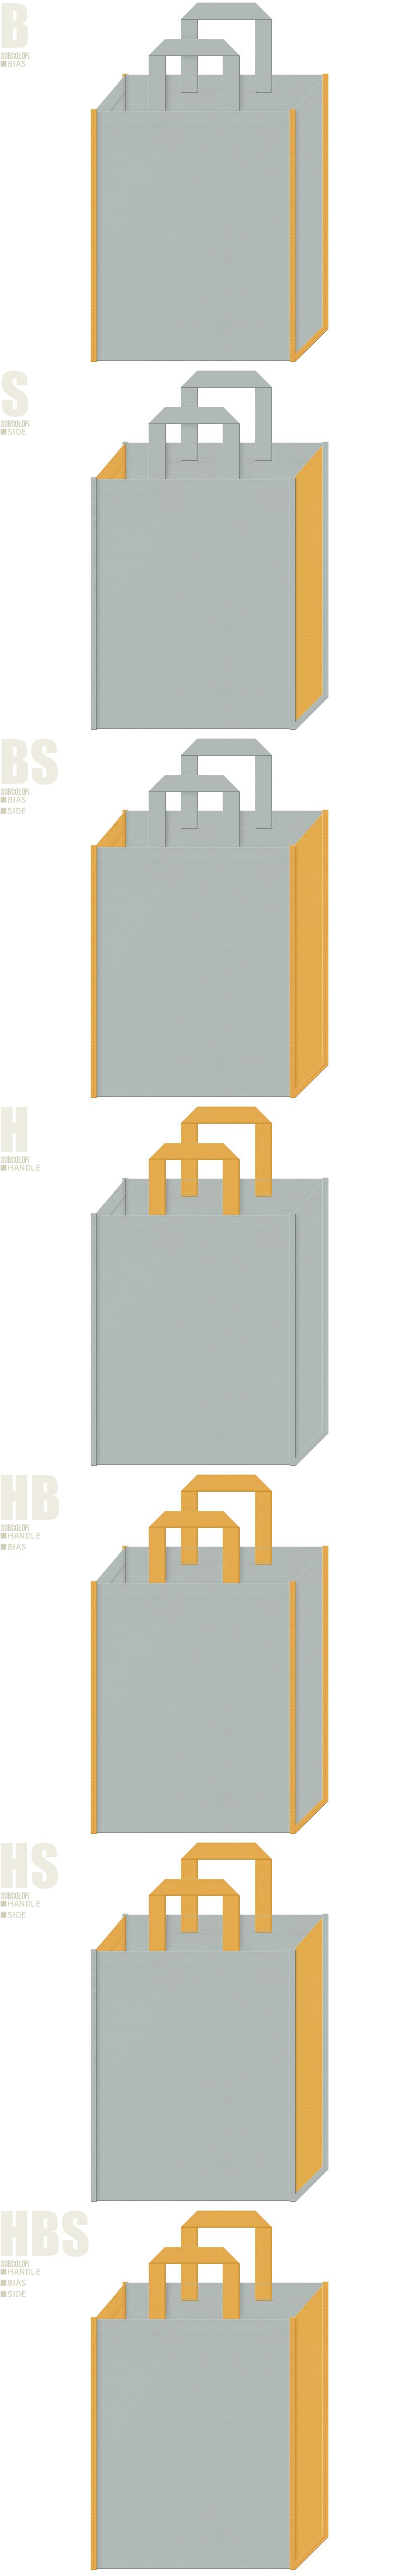 グレー色と黄土色-7パターンの不織布トートバッグ配色デザイン例